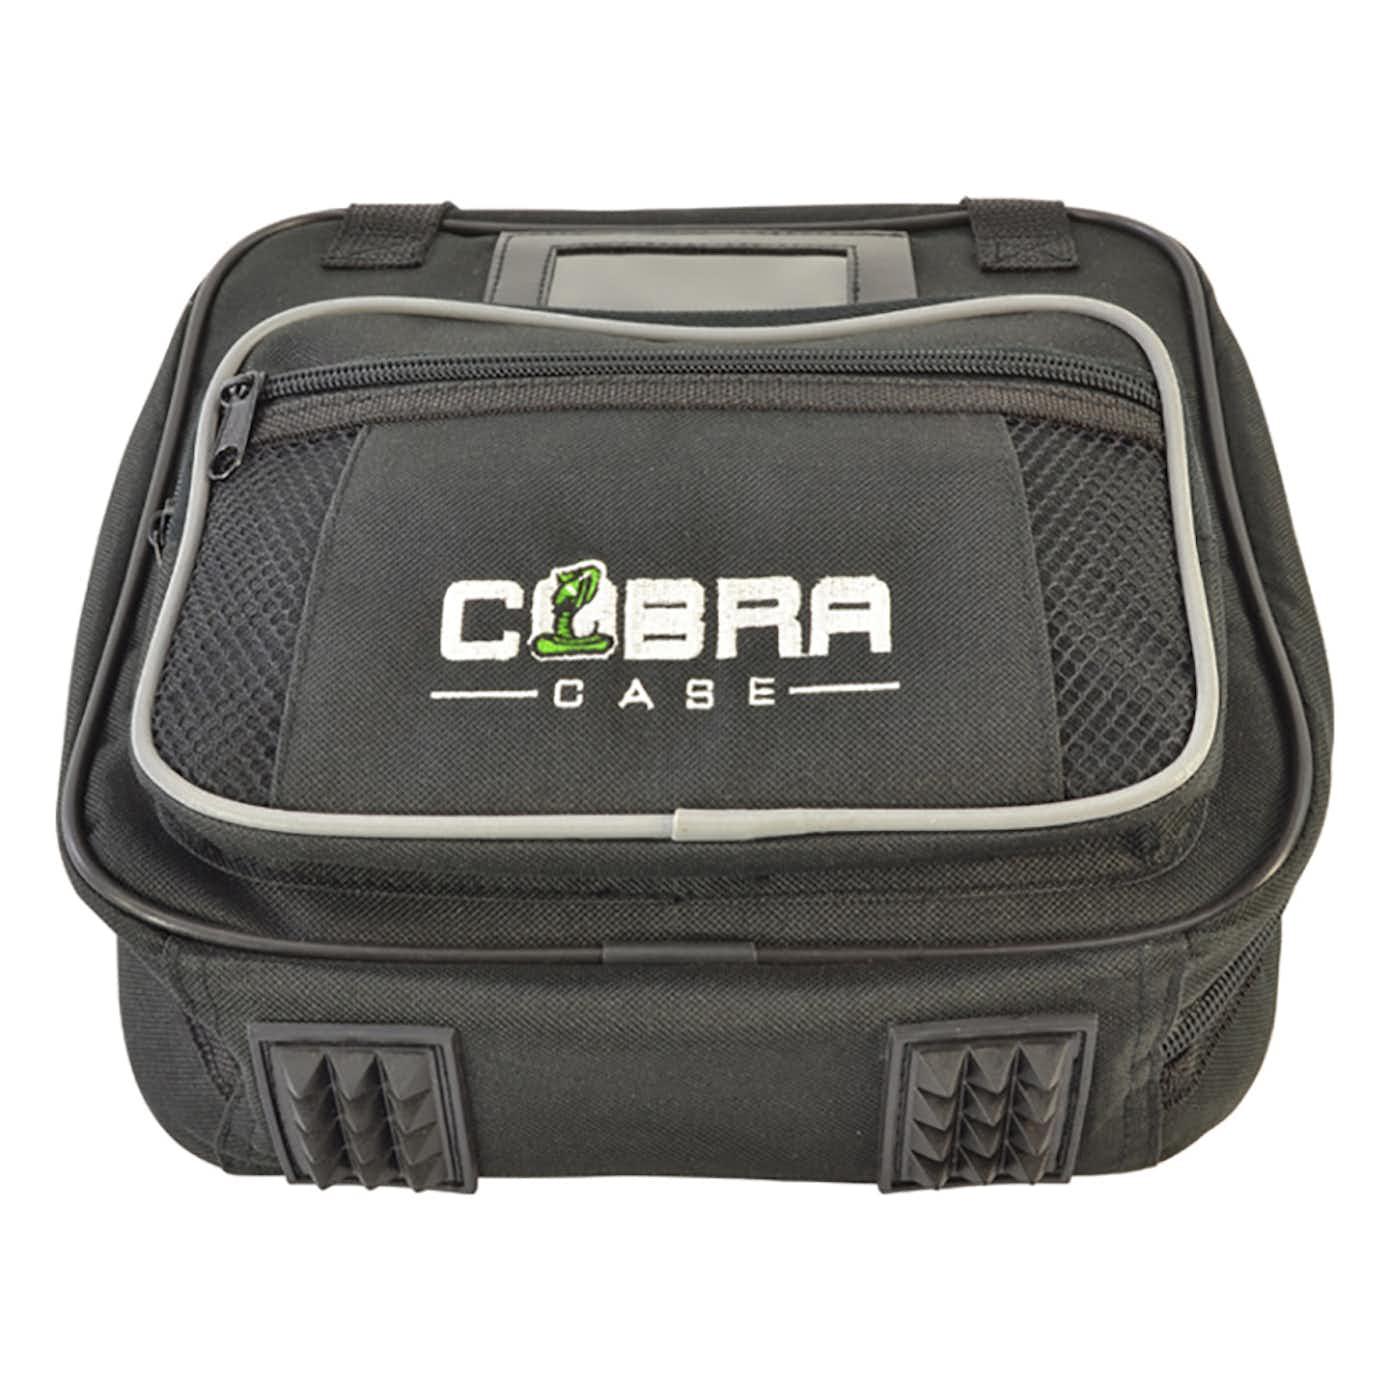 Cobra CC1077 softbag (B:25 x D:25 x H:9cm)